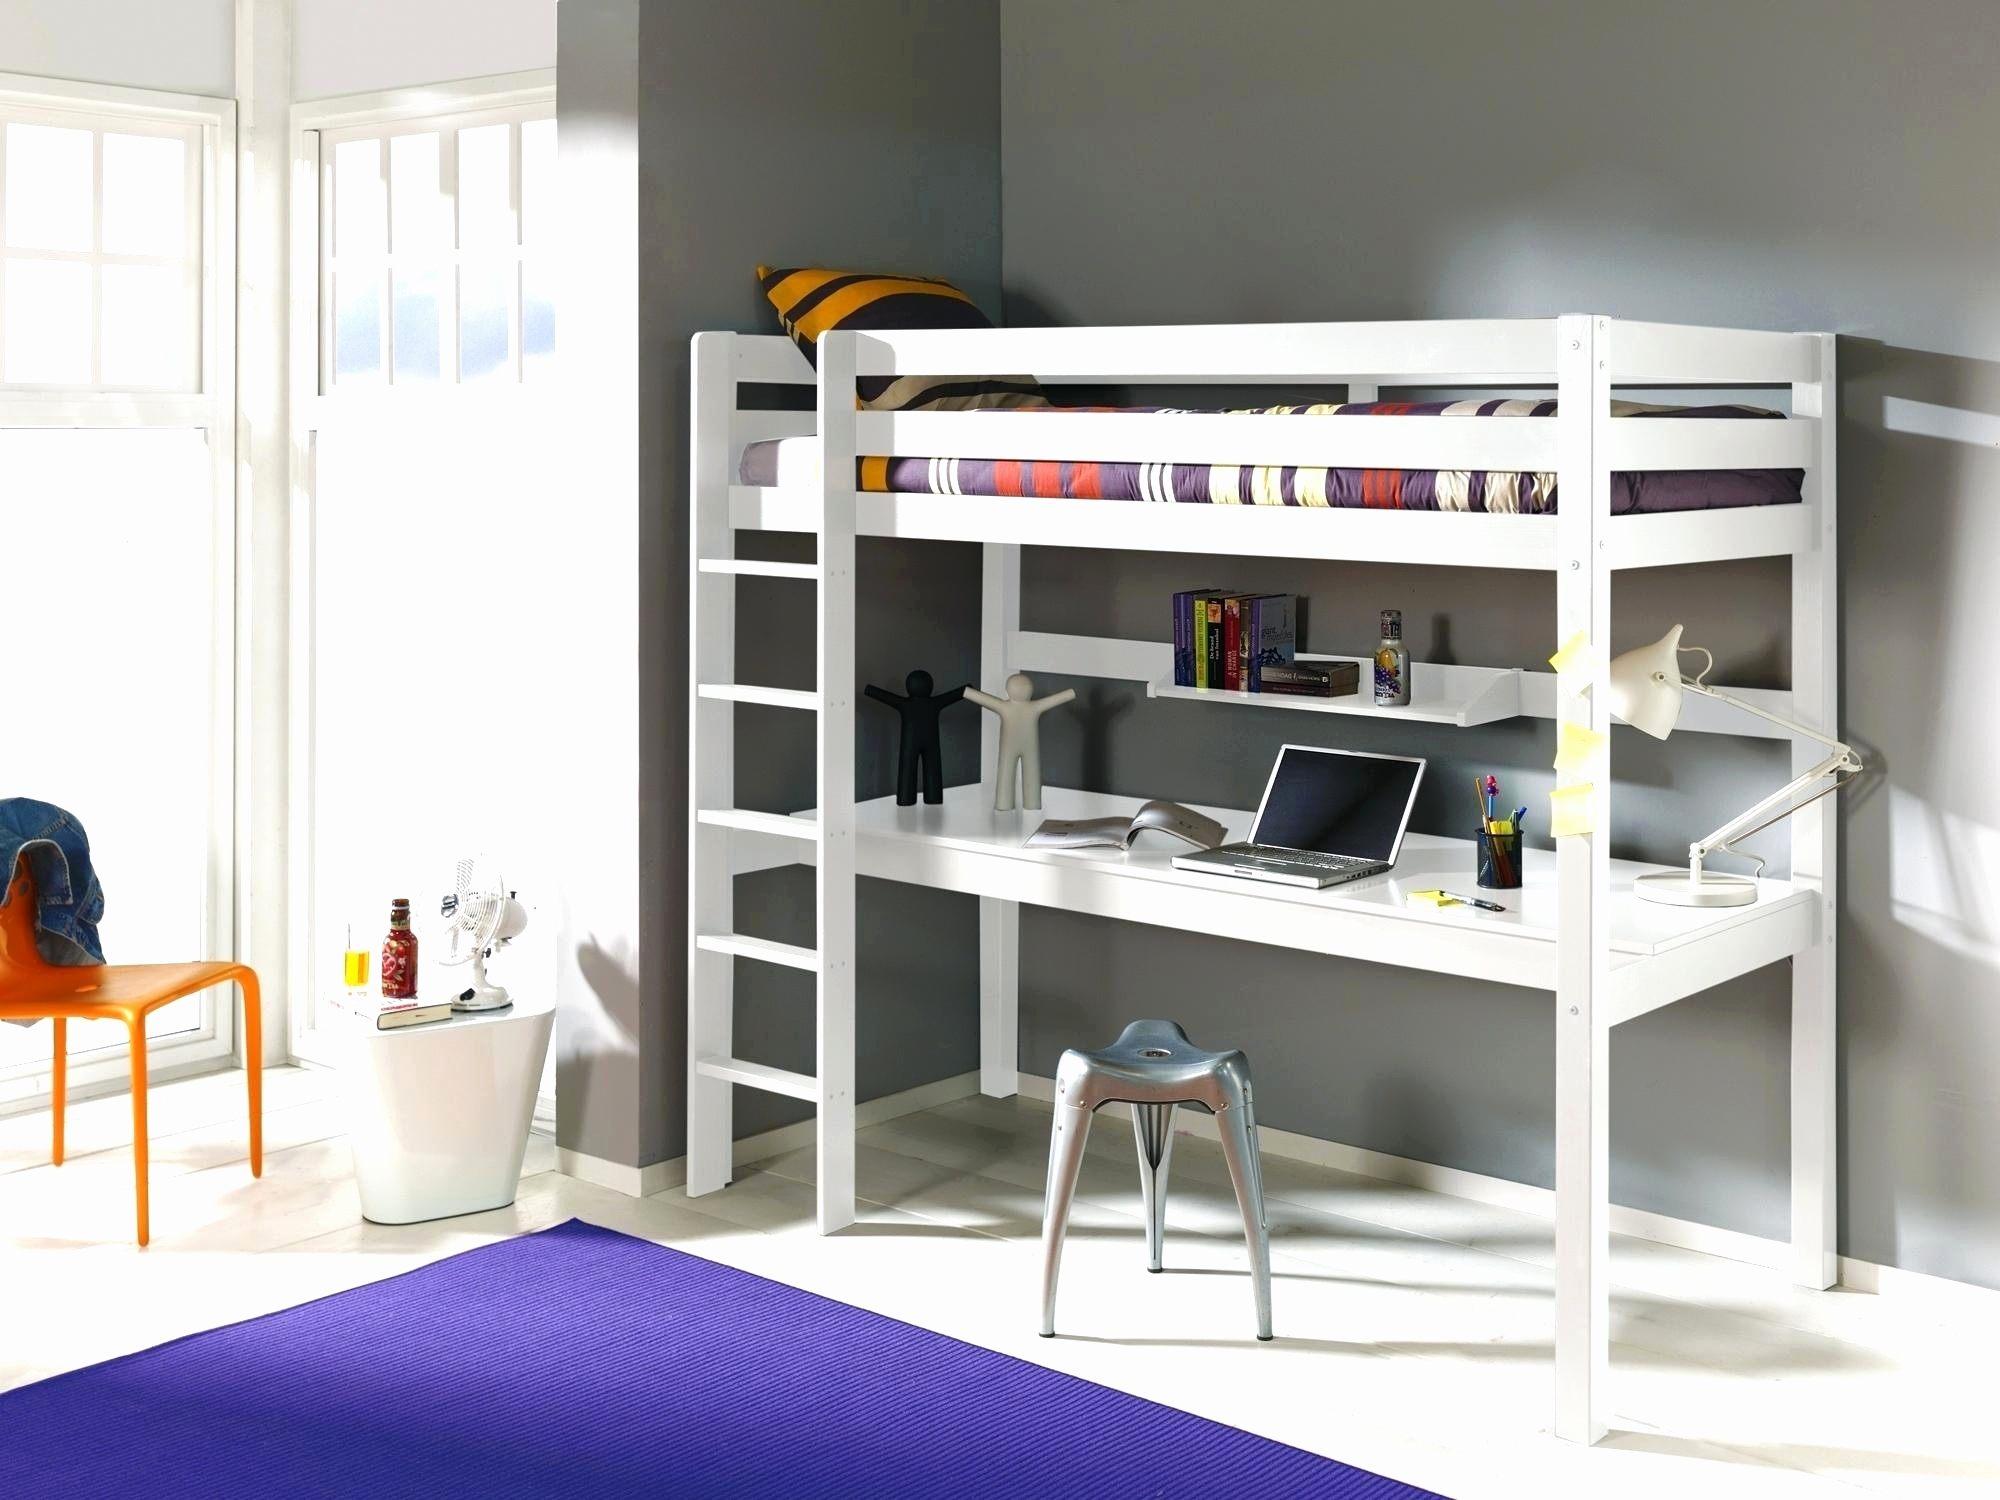 Lit Mezzanine 140 Le Luxe Lit Mezzanine Haut Chambre Mezzanine Adulte Beau Mezzanine Salon 0d